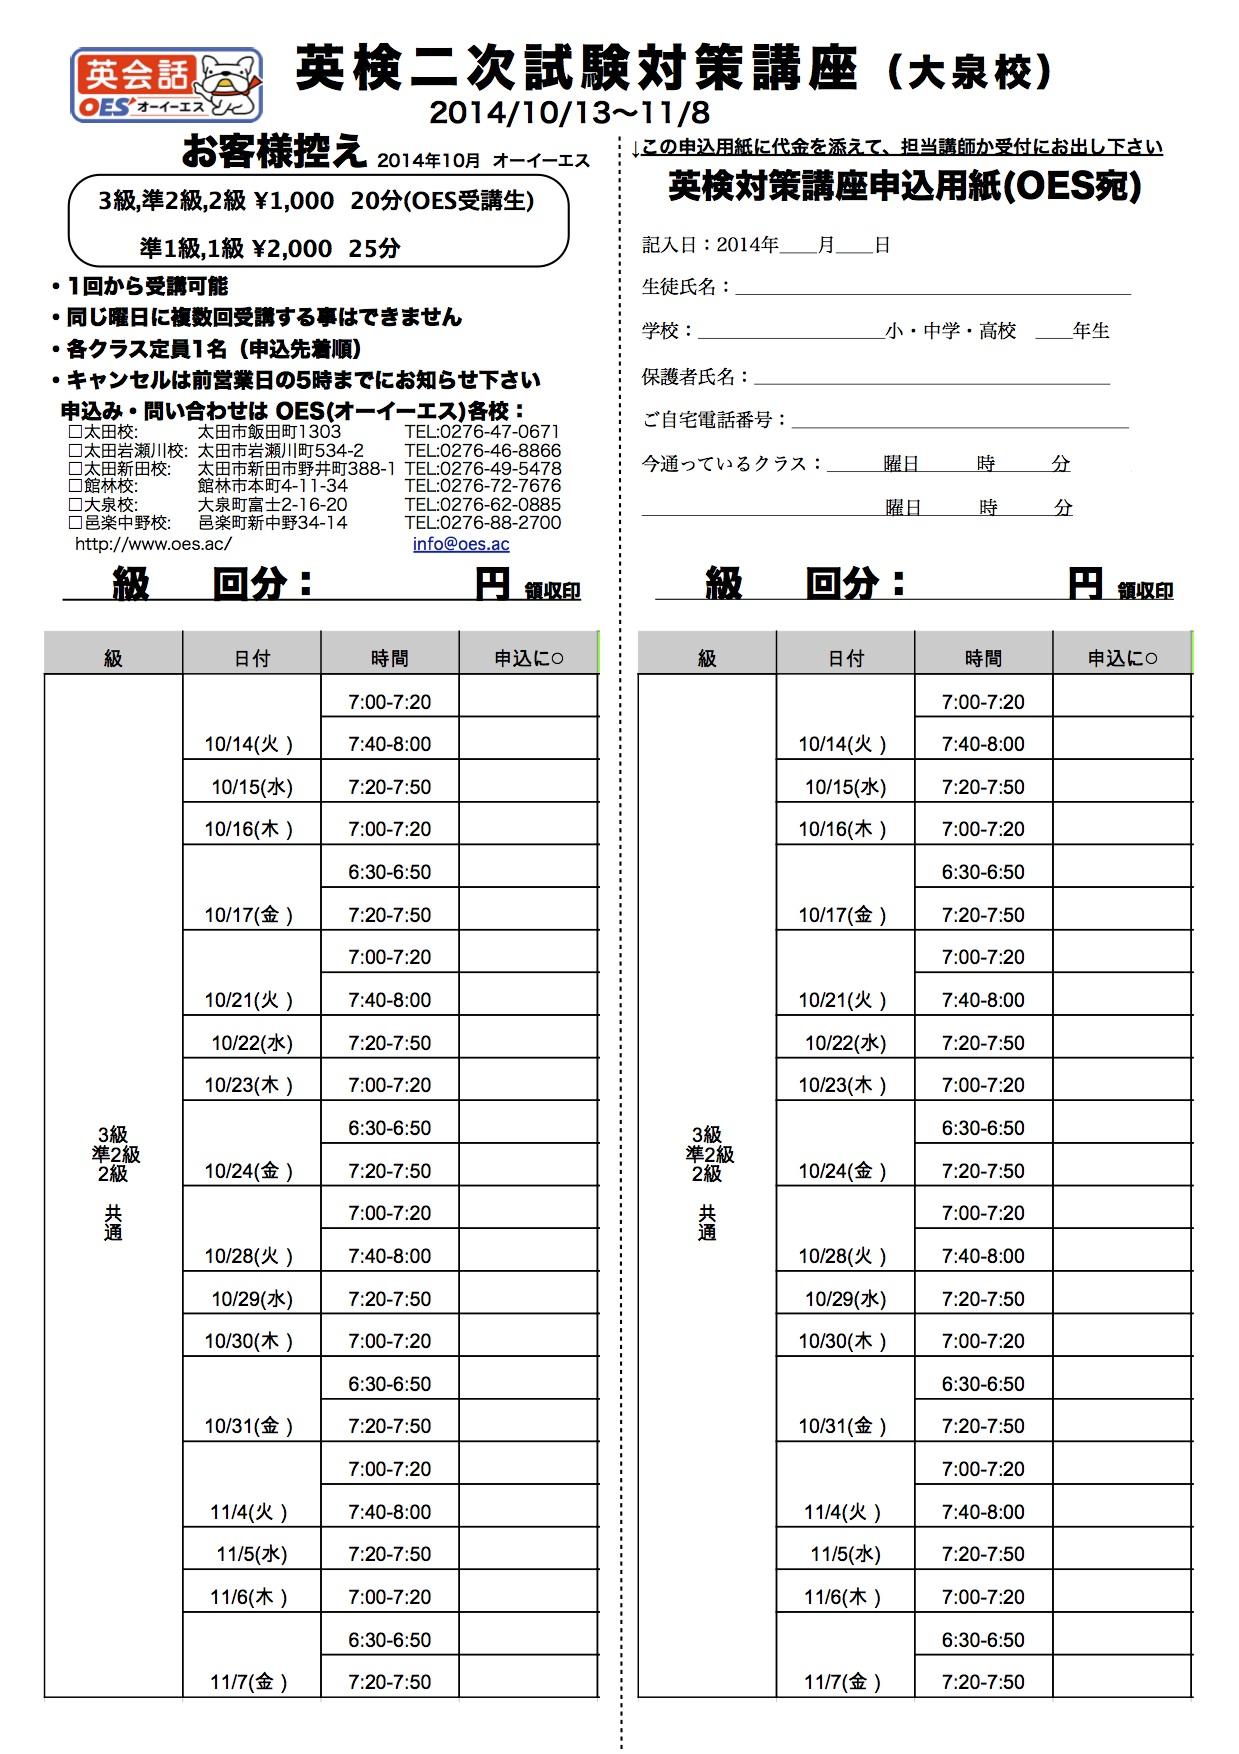 2014年度2回 英検二次試験対策講座 (大泉校)